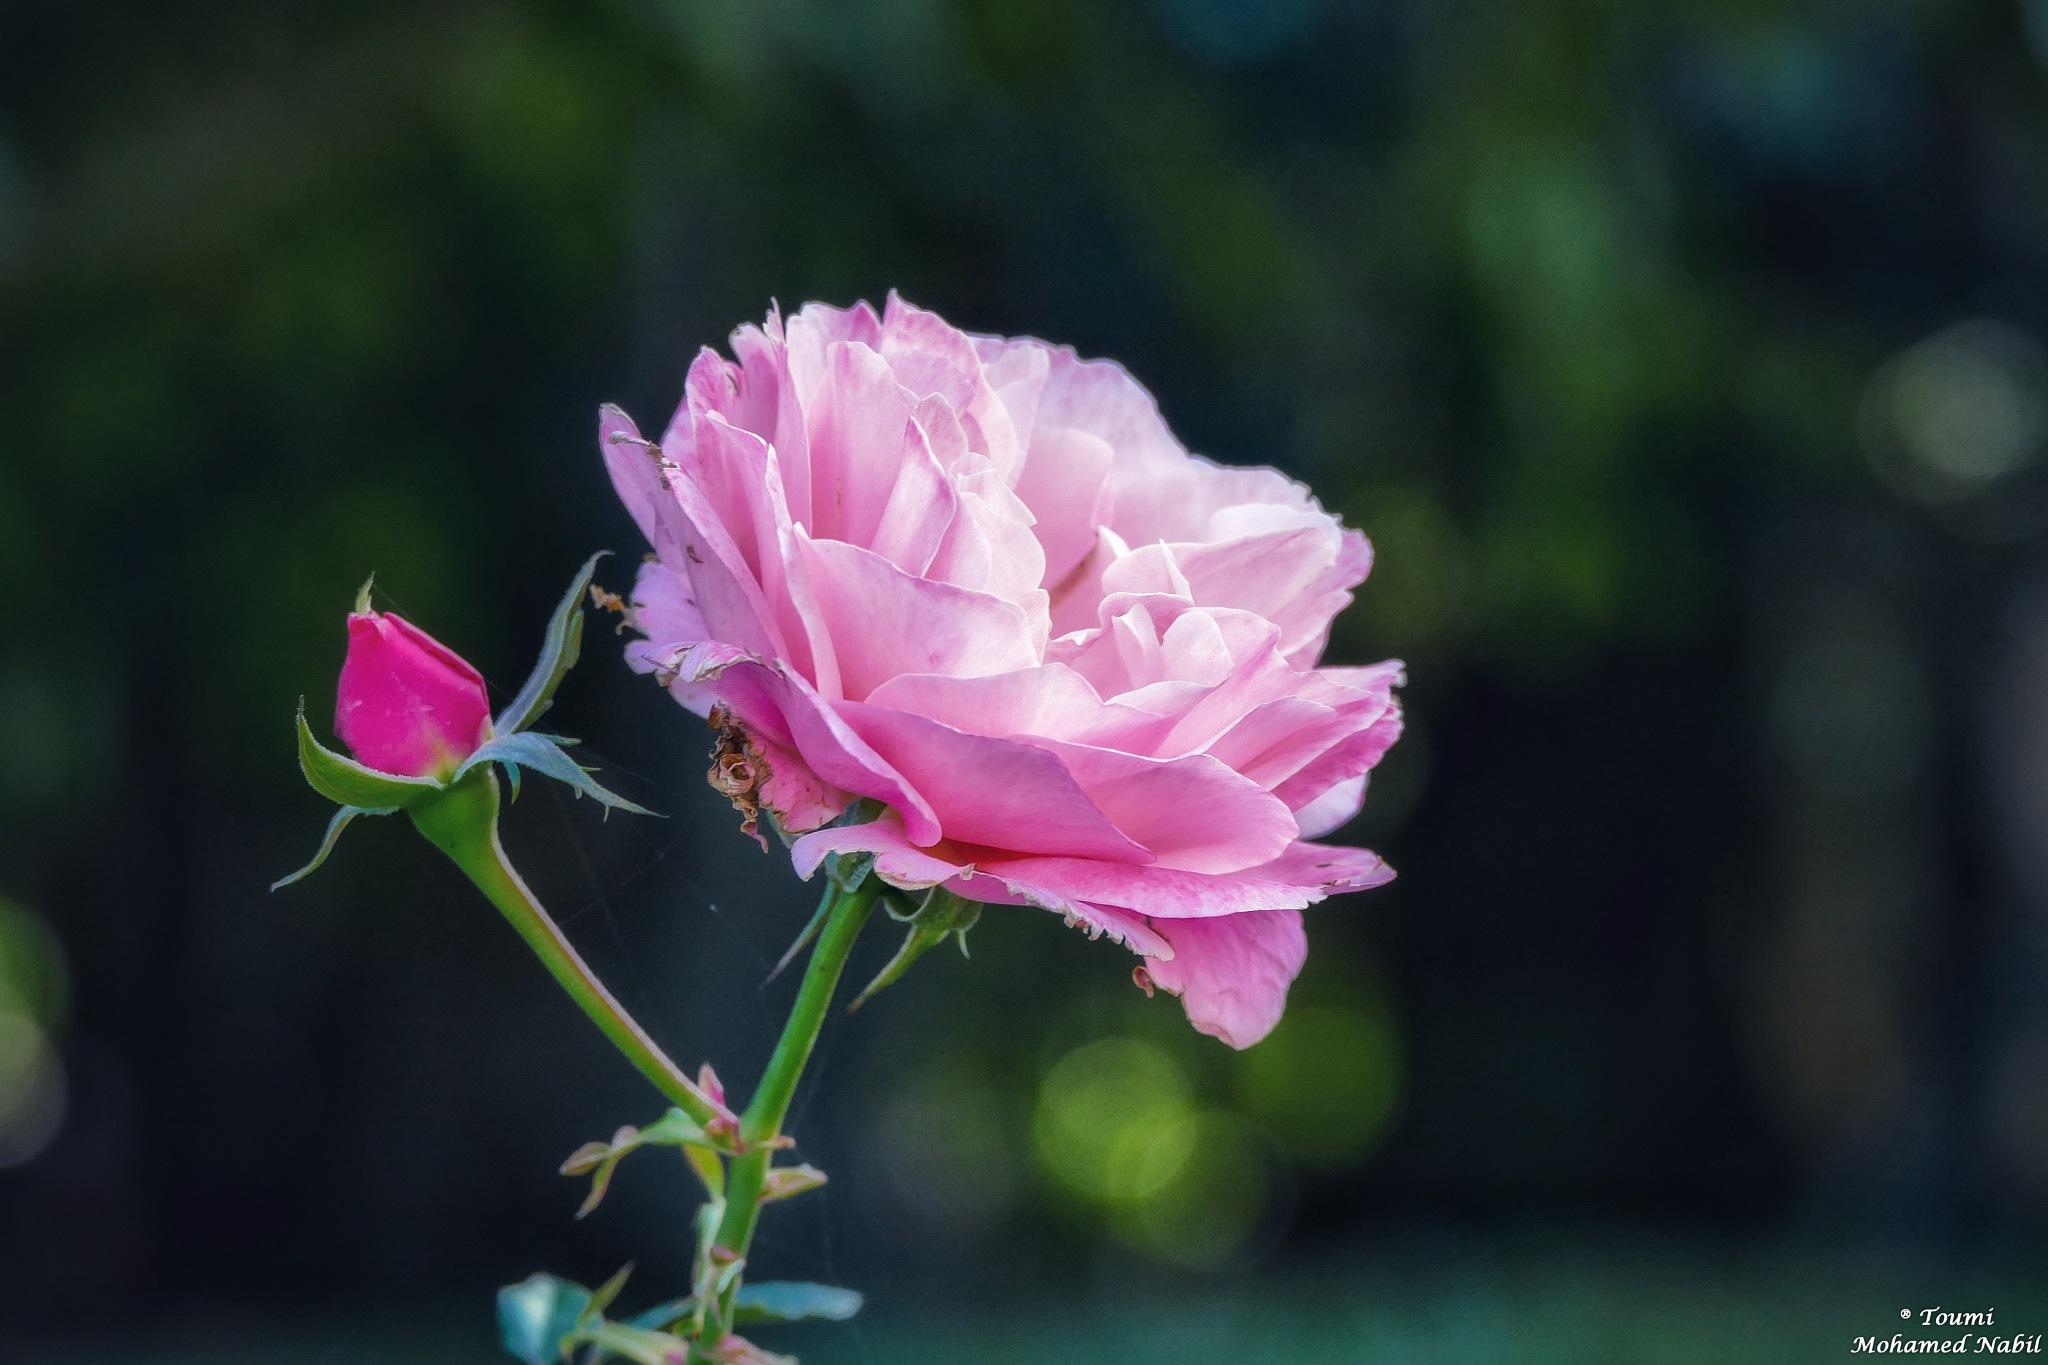 rose by Toumi Mohamed Nabil